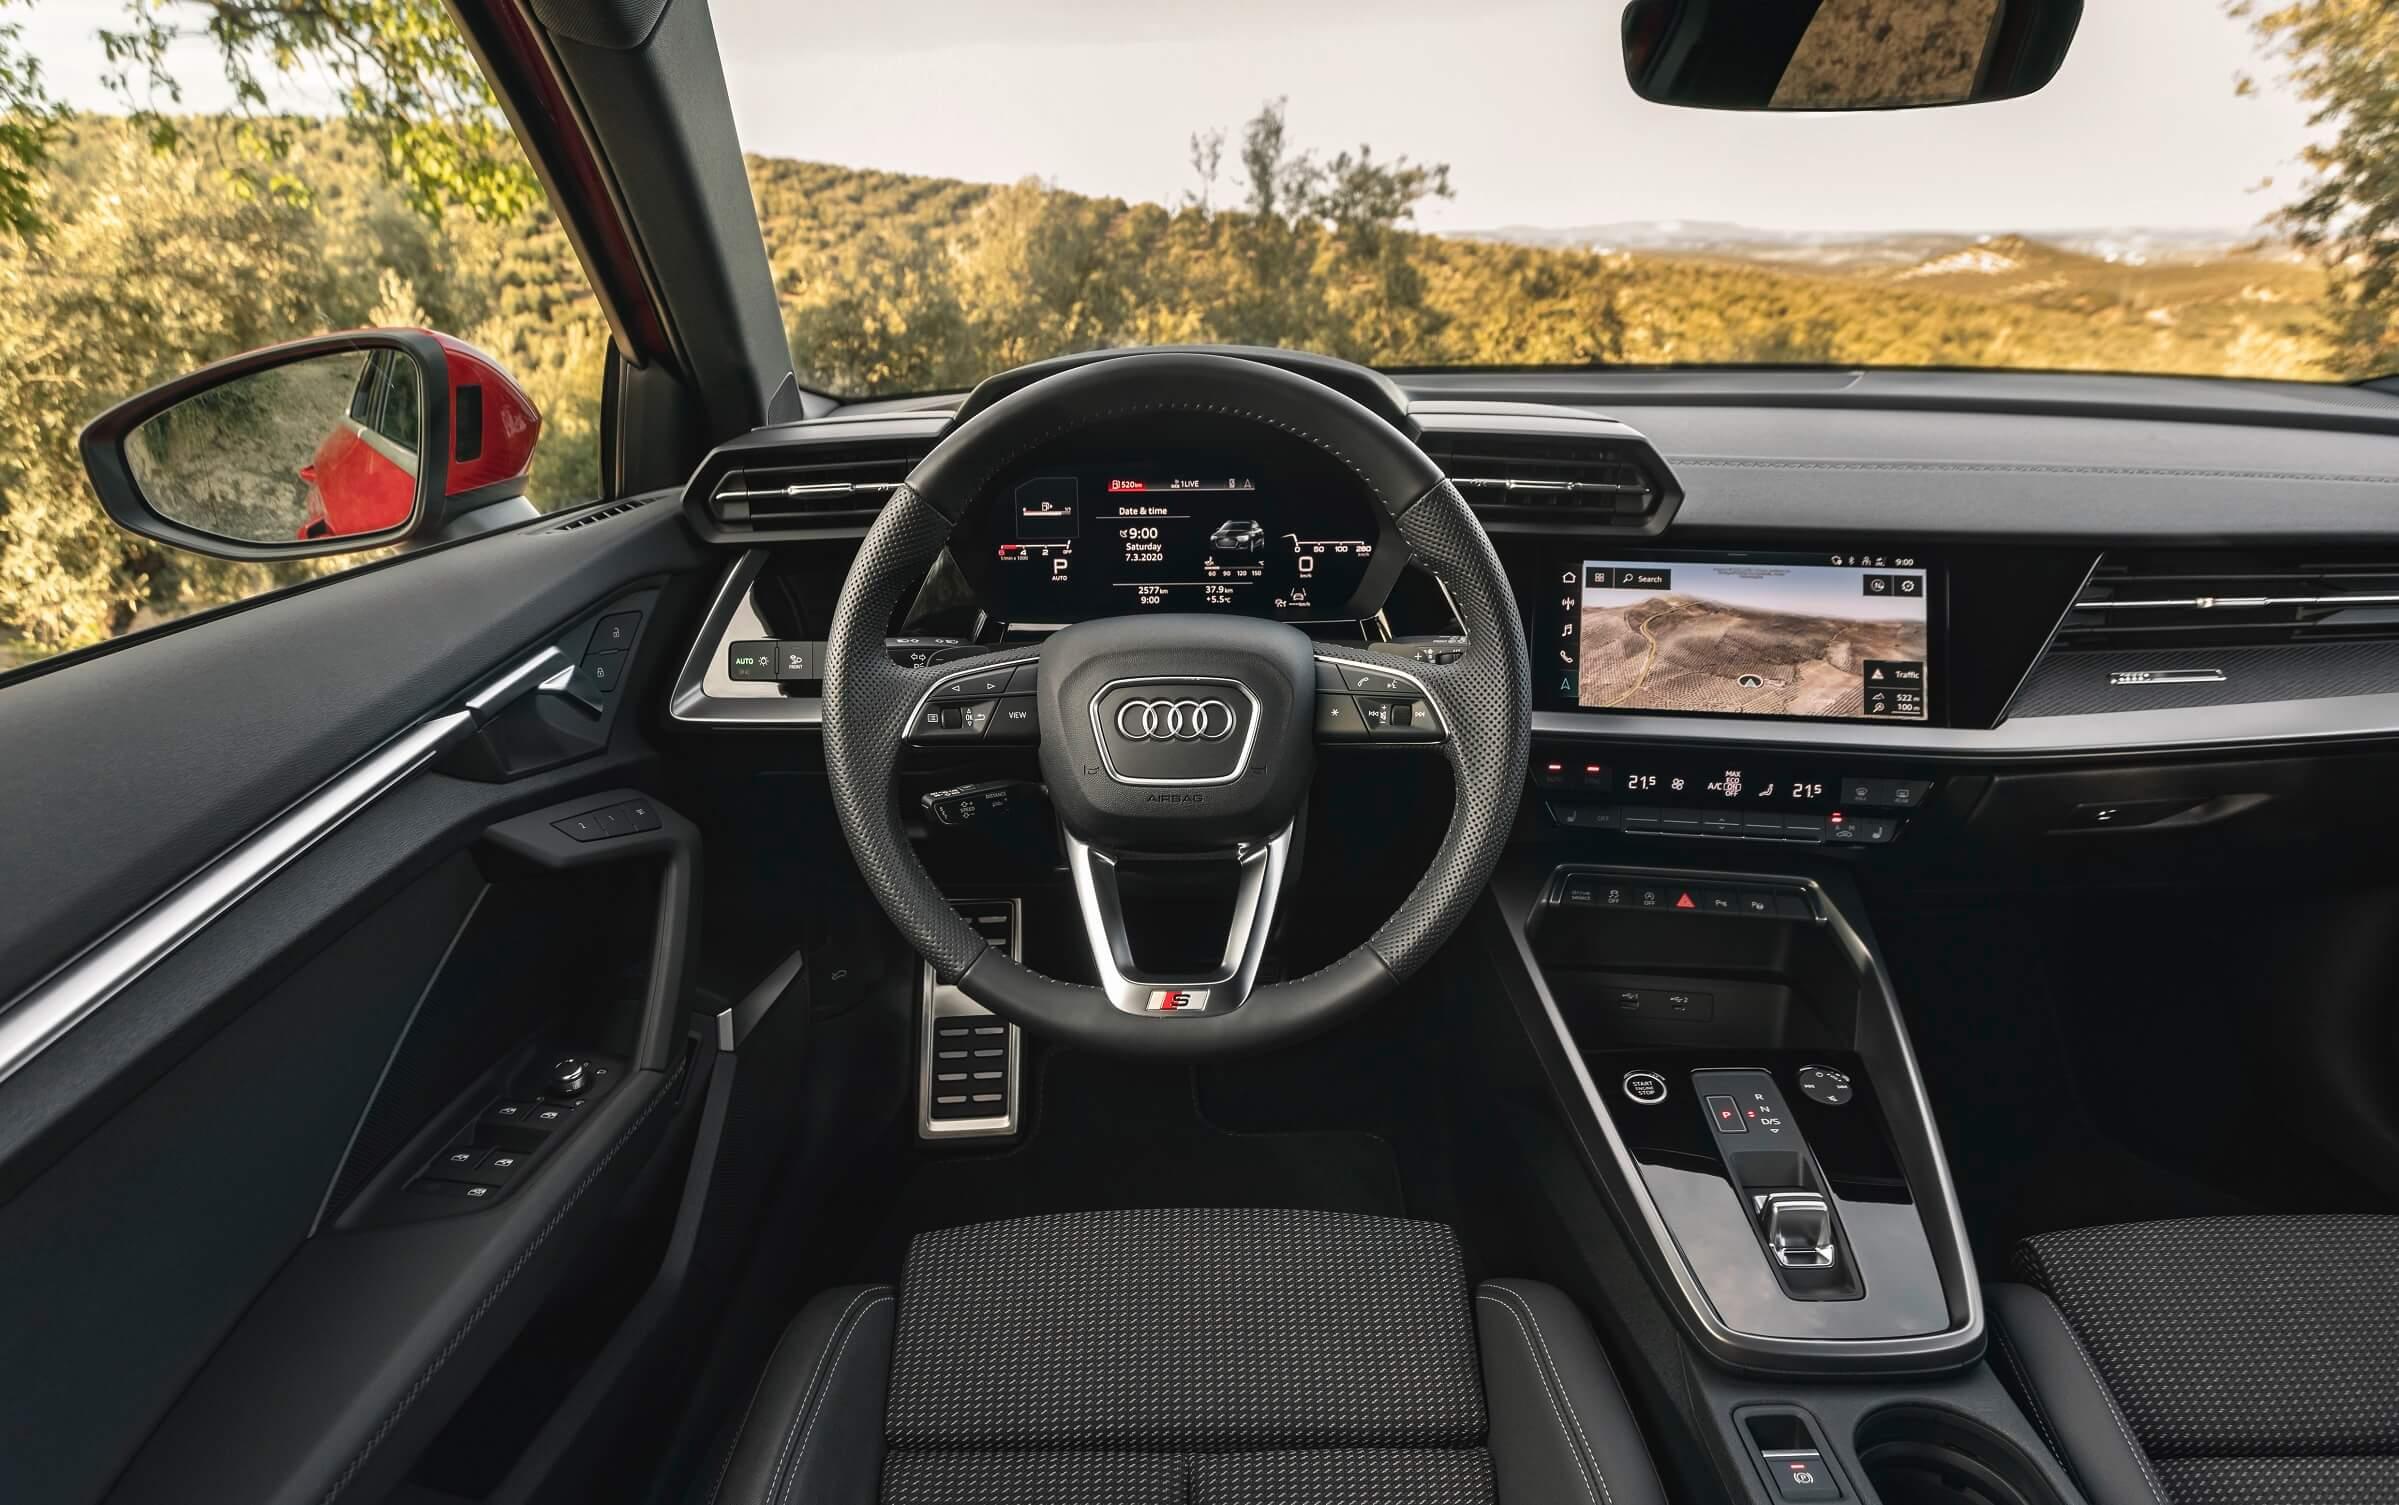 Νέο Audi A3 Sportback - Εσωτερικό